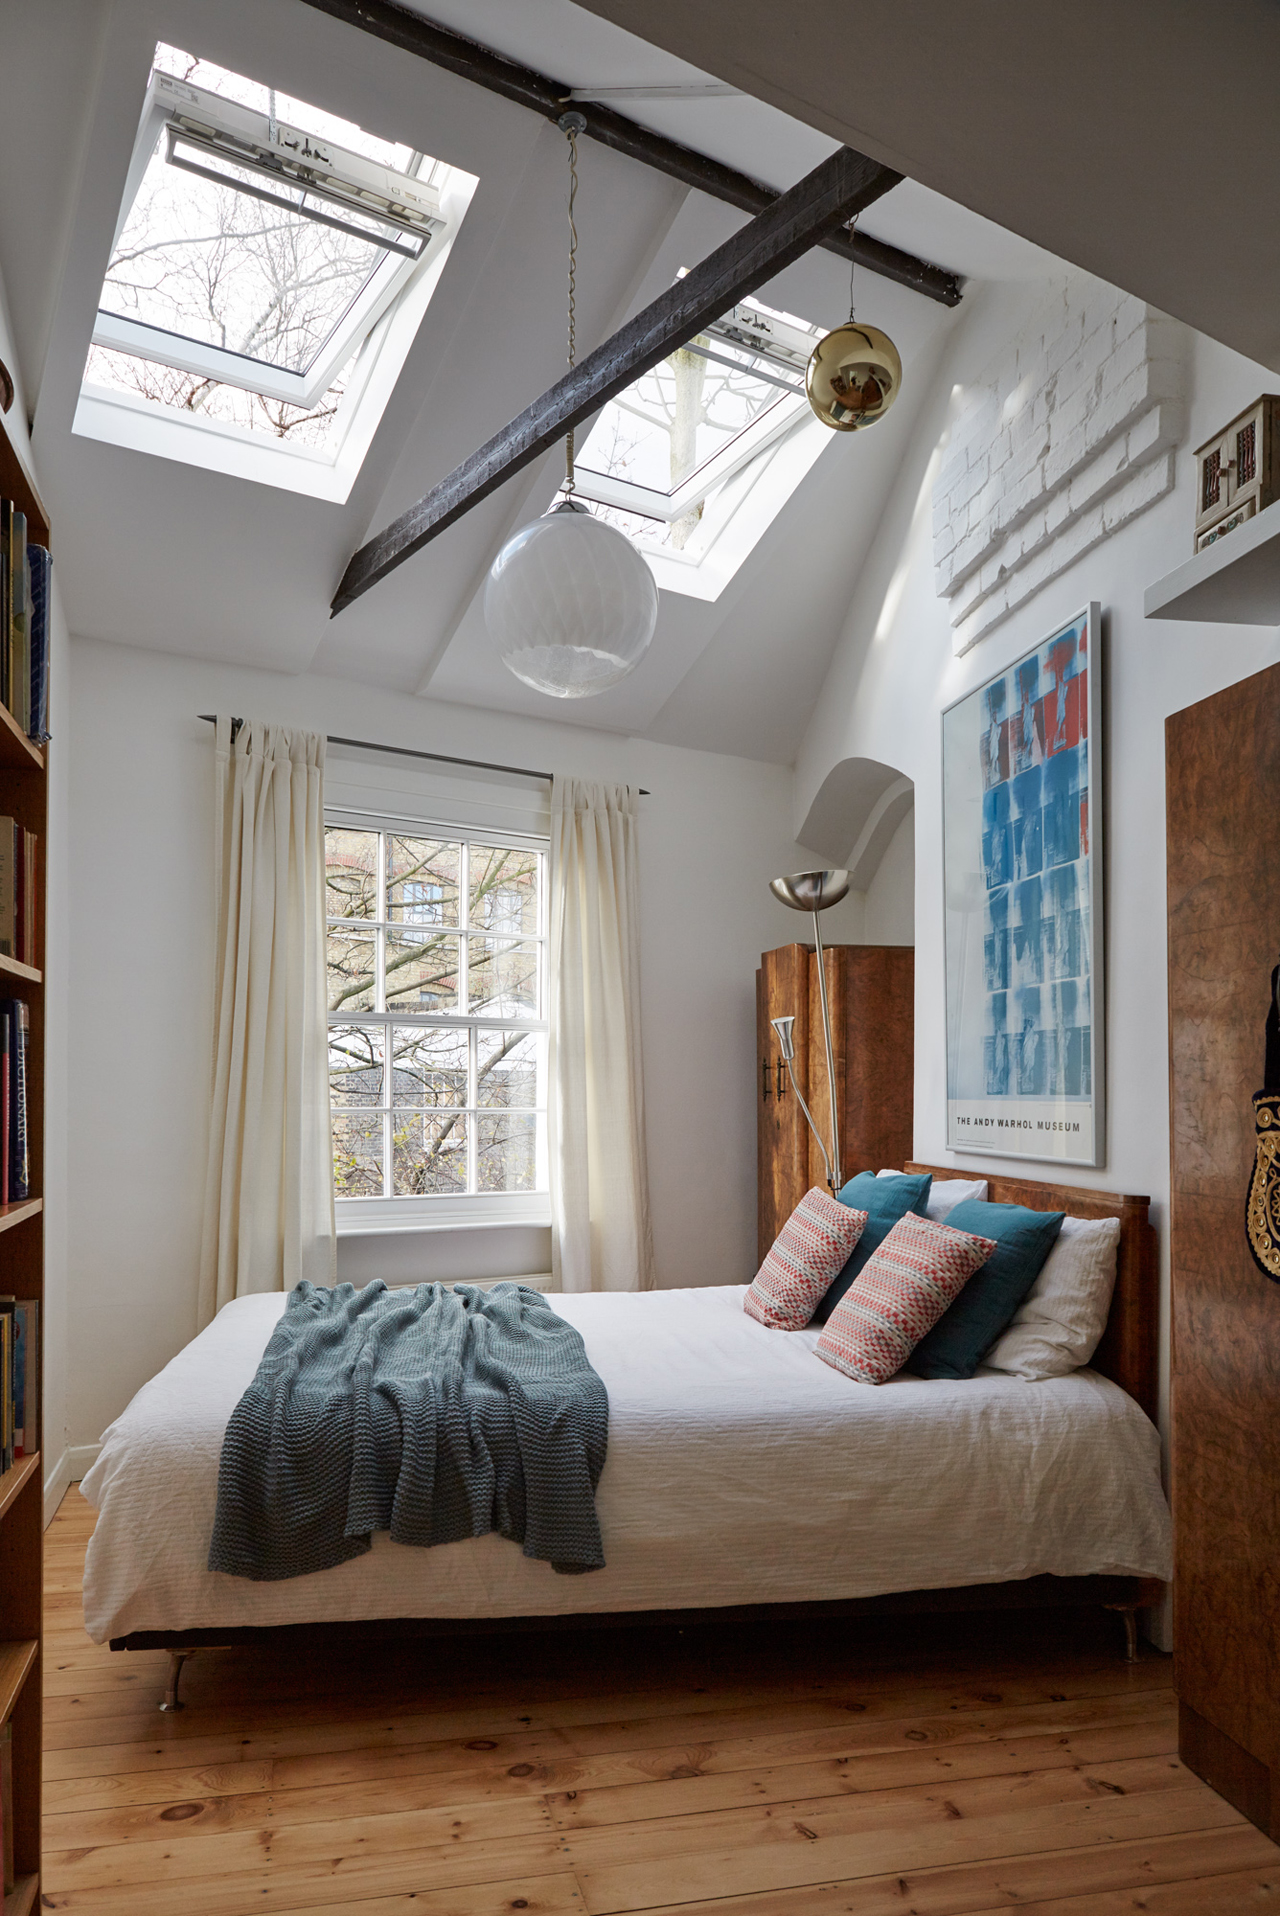 Camera con finestre for Finestre velux foto